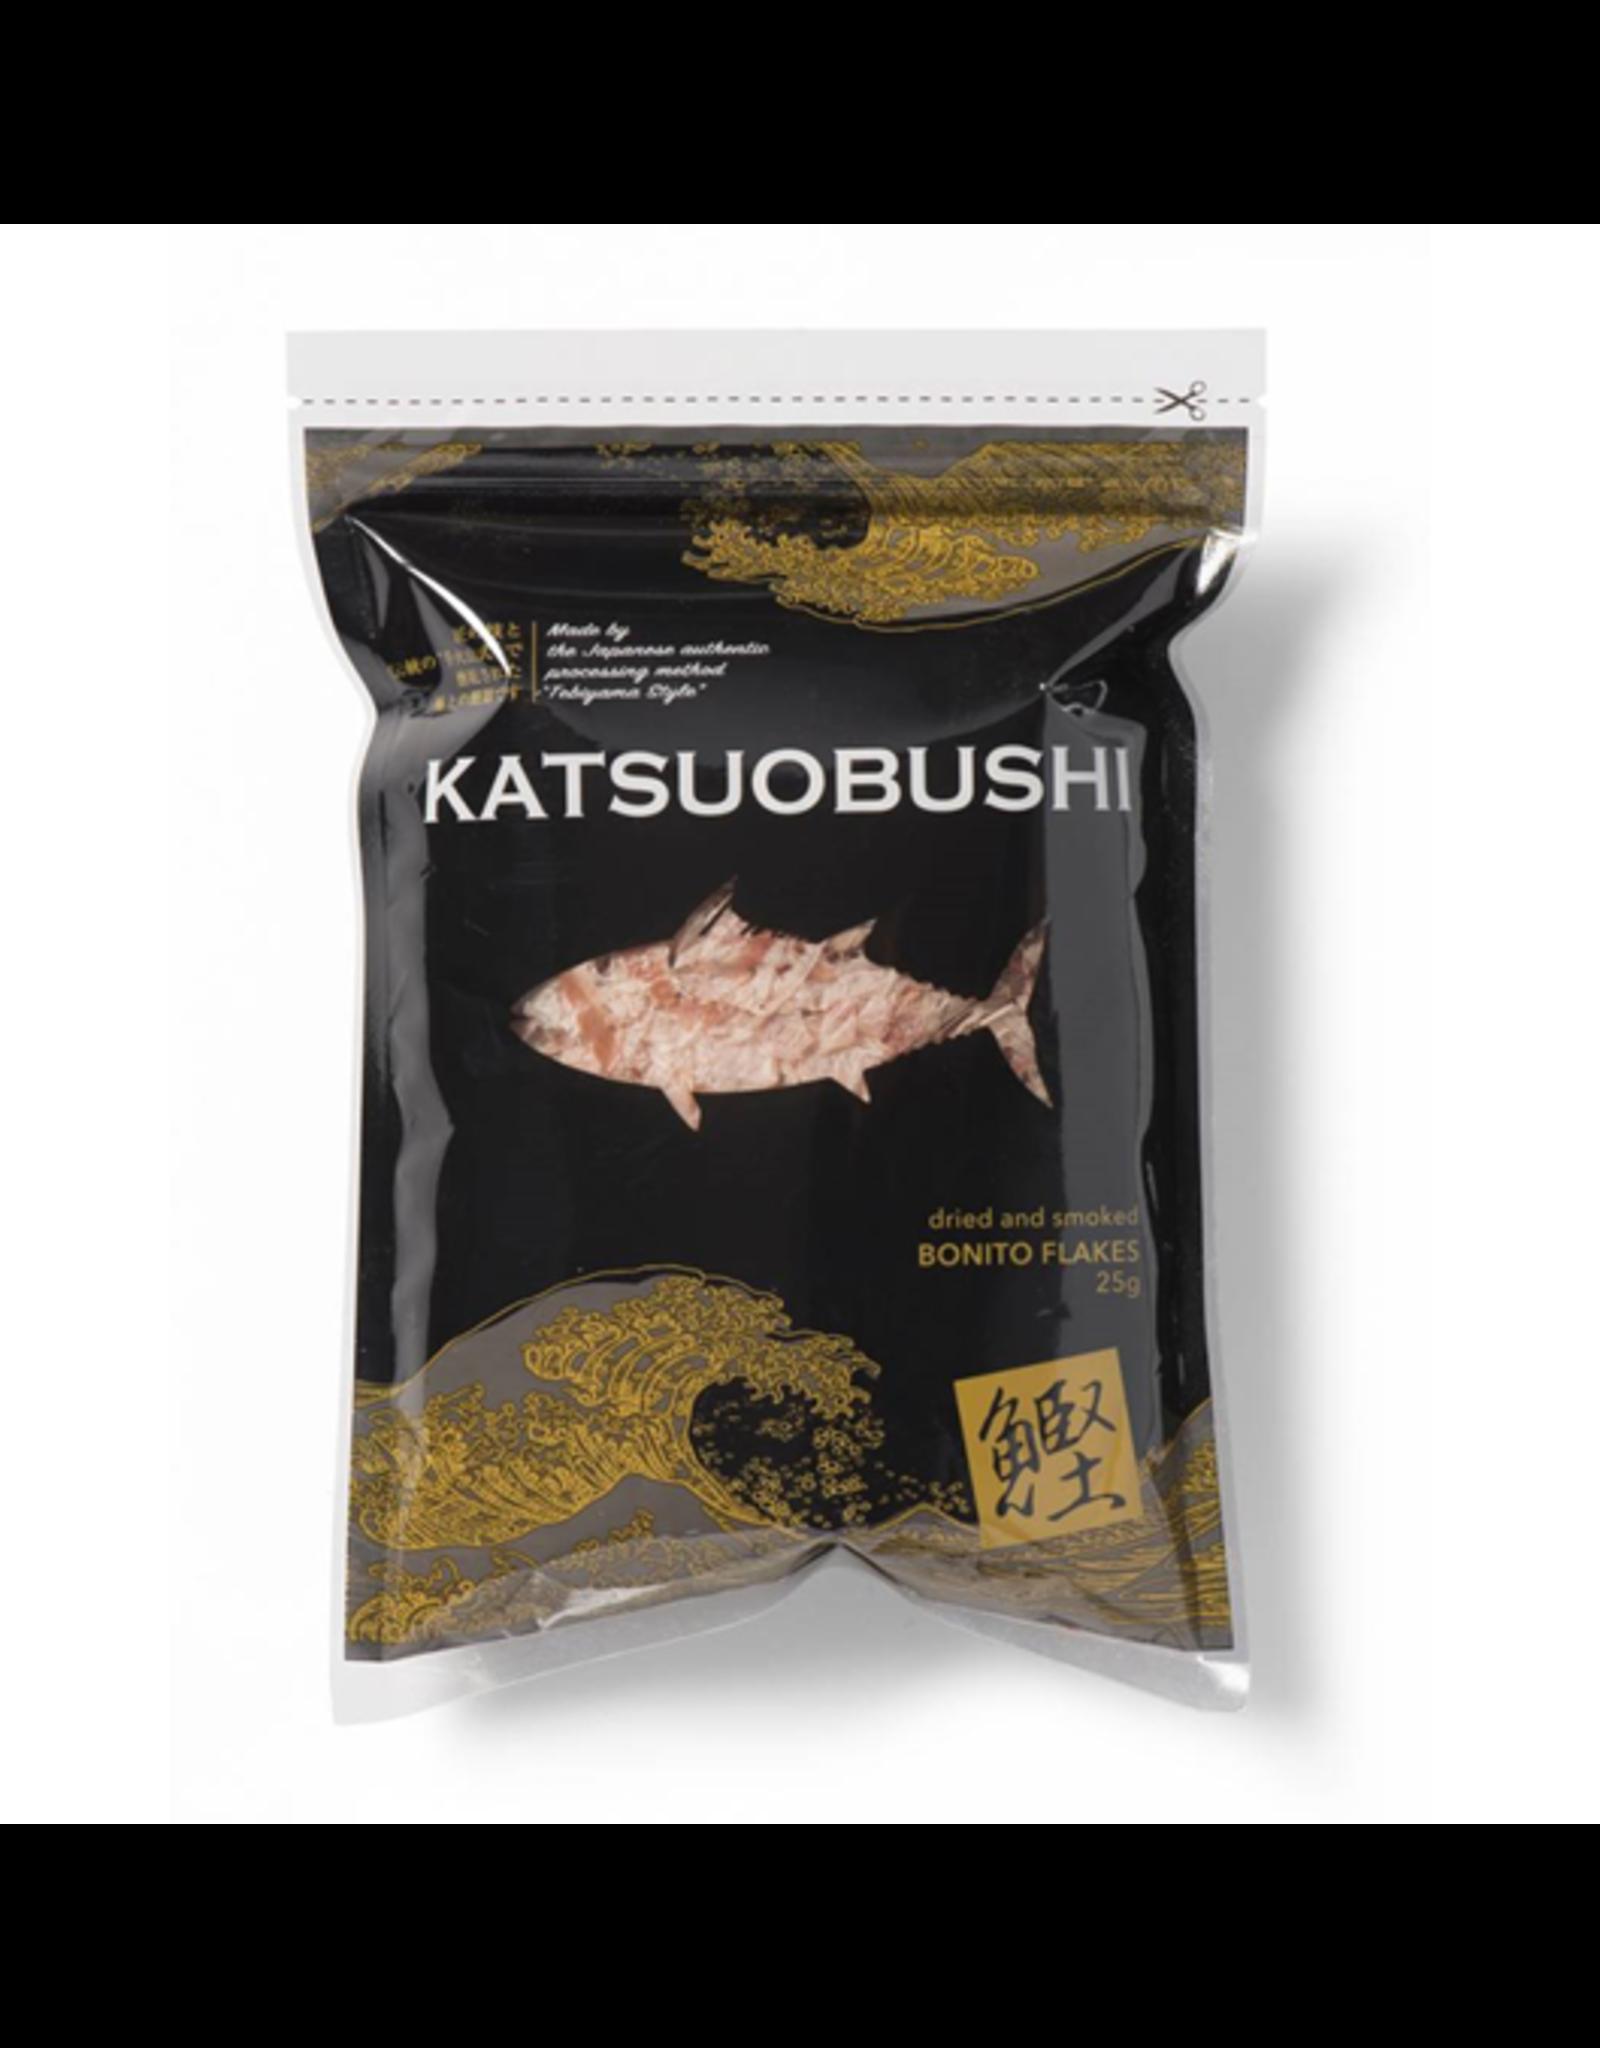 Kohyo Katsuobushi